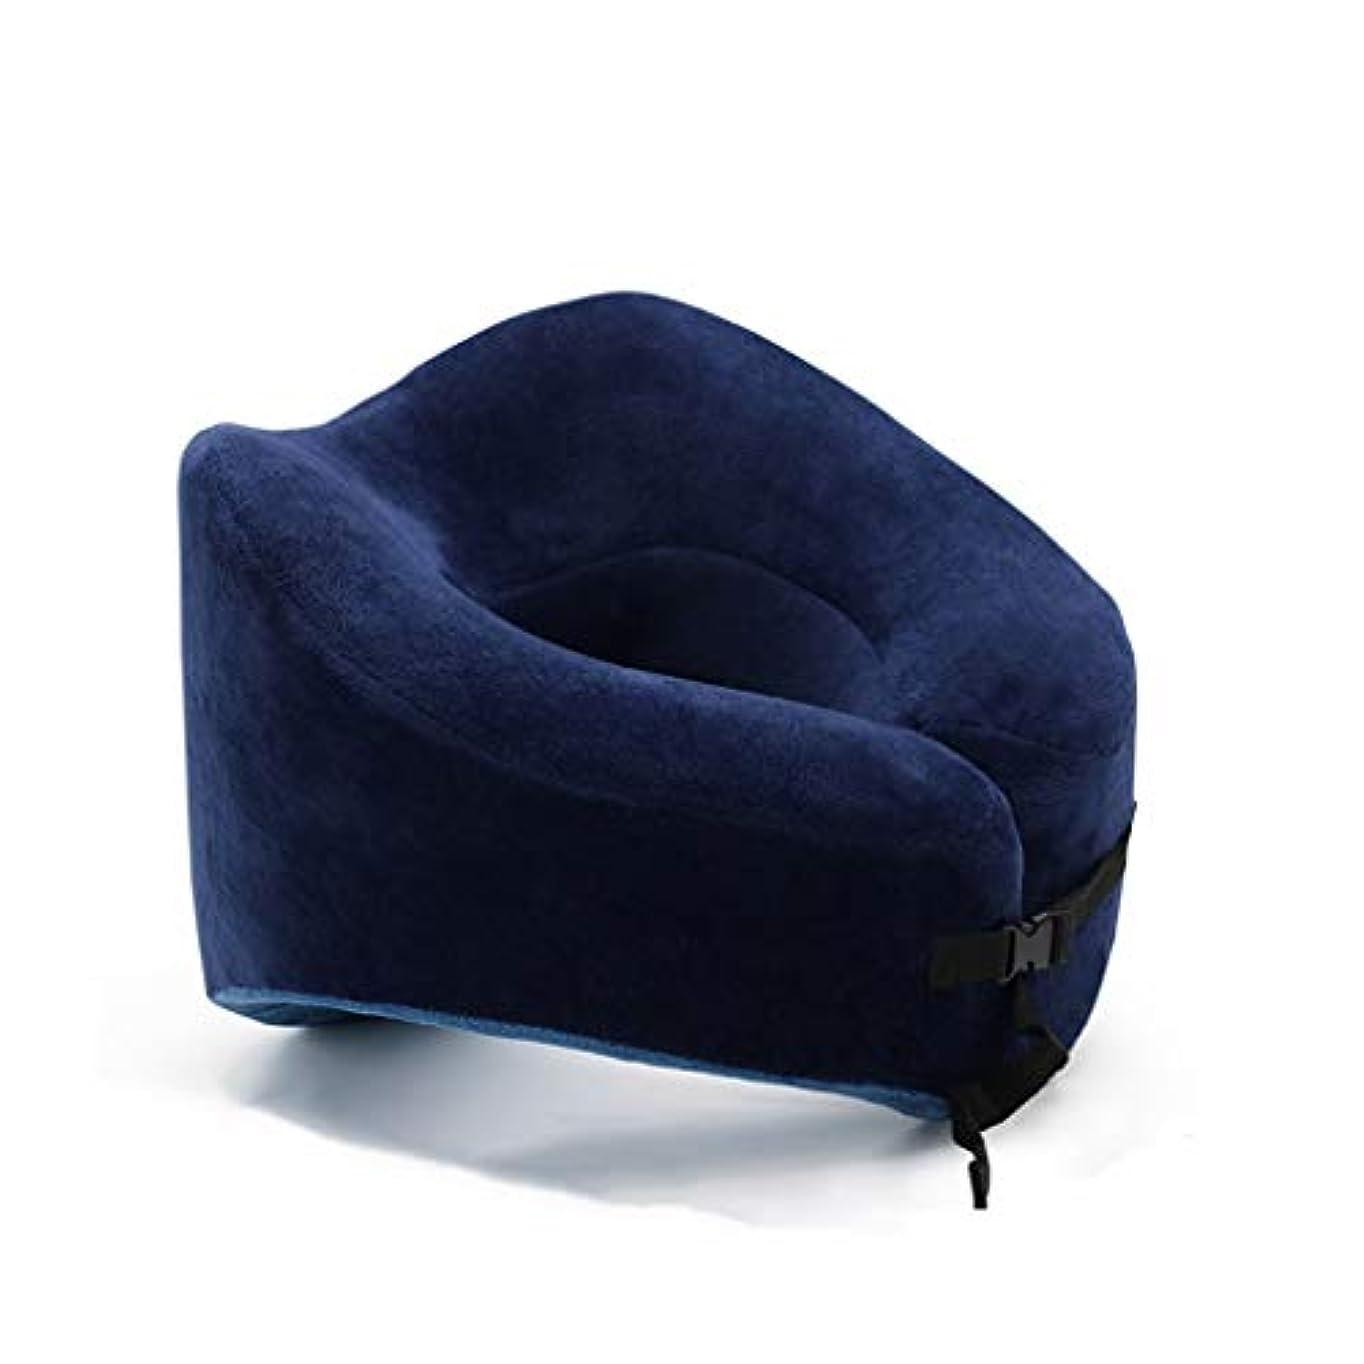 返済ソロ代理人DYHOZZ 記憶泡旅行首の枕、コンパクトなU字型首の枕サポート枕、携帯用首の枕多色刷り U字型の枕 (色 : D)